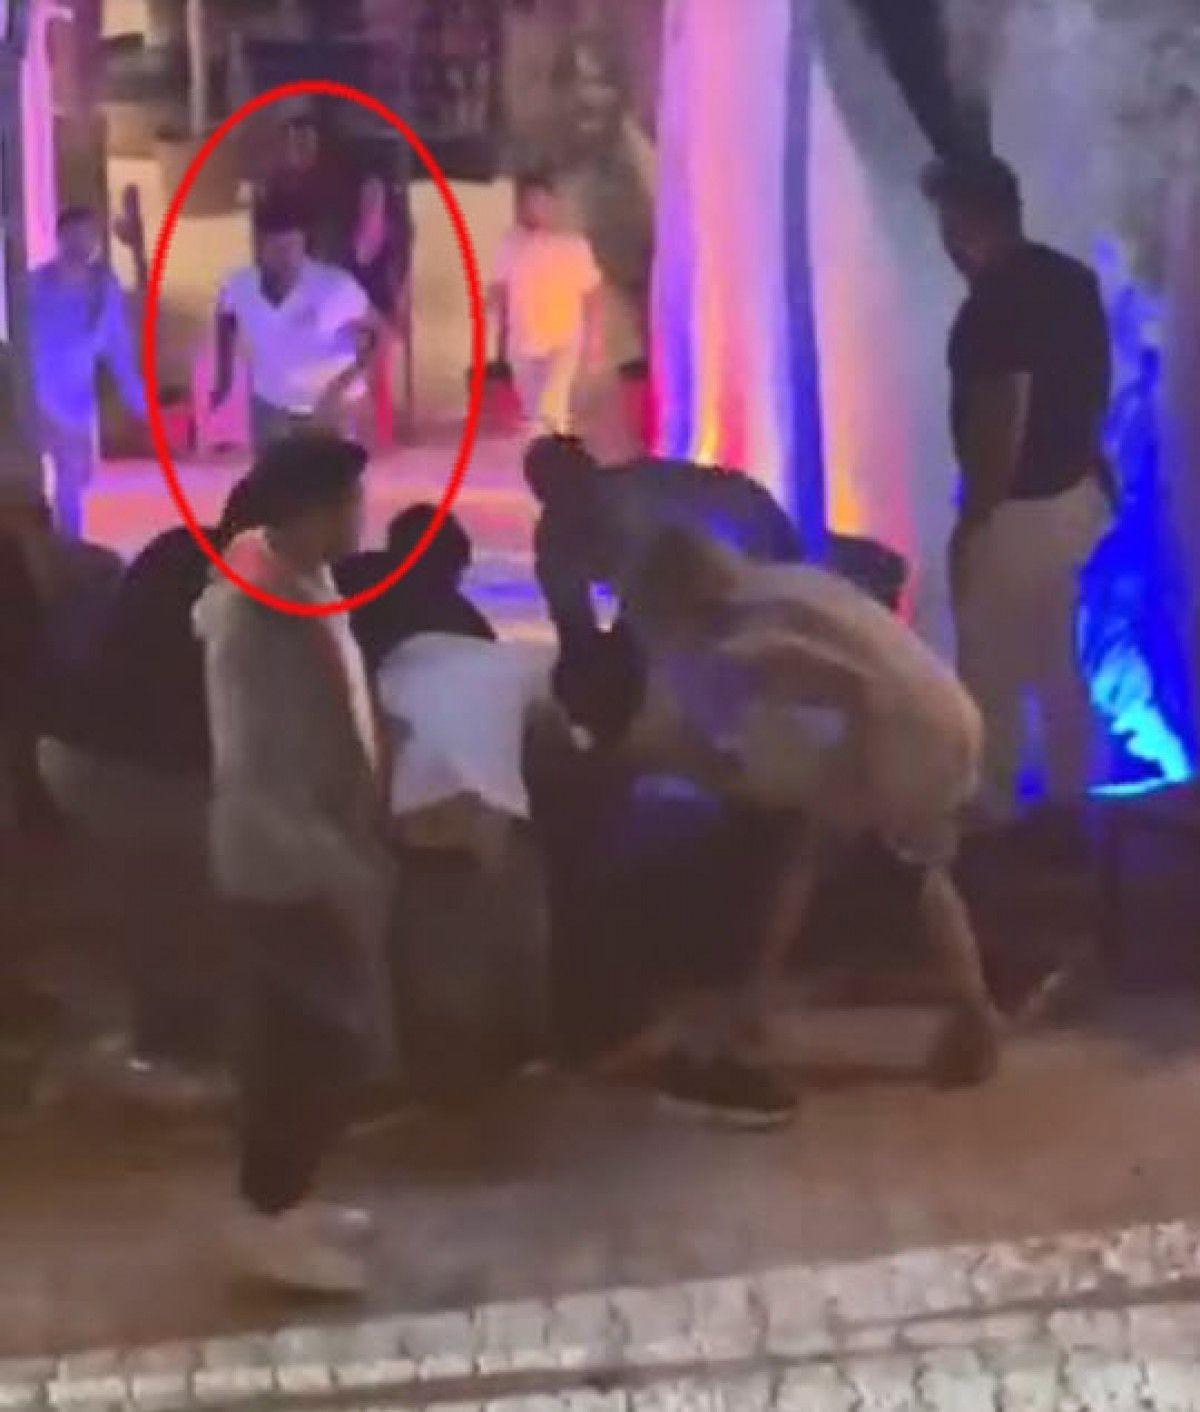 Çeşme de gece kulübündeki kavgada 1 kişinin öldürülme anı kamerada #3